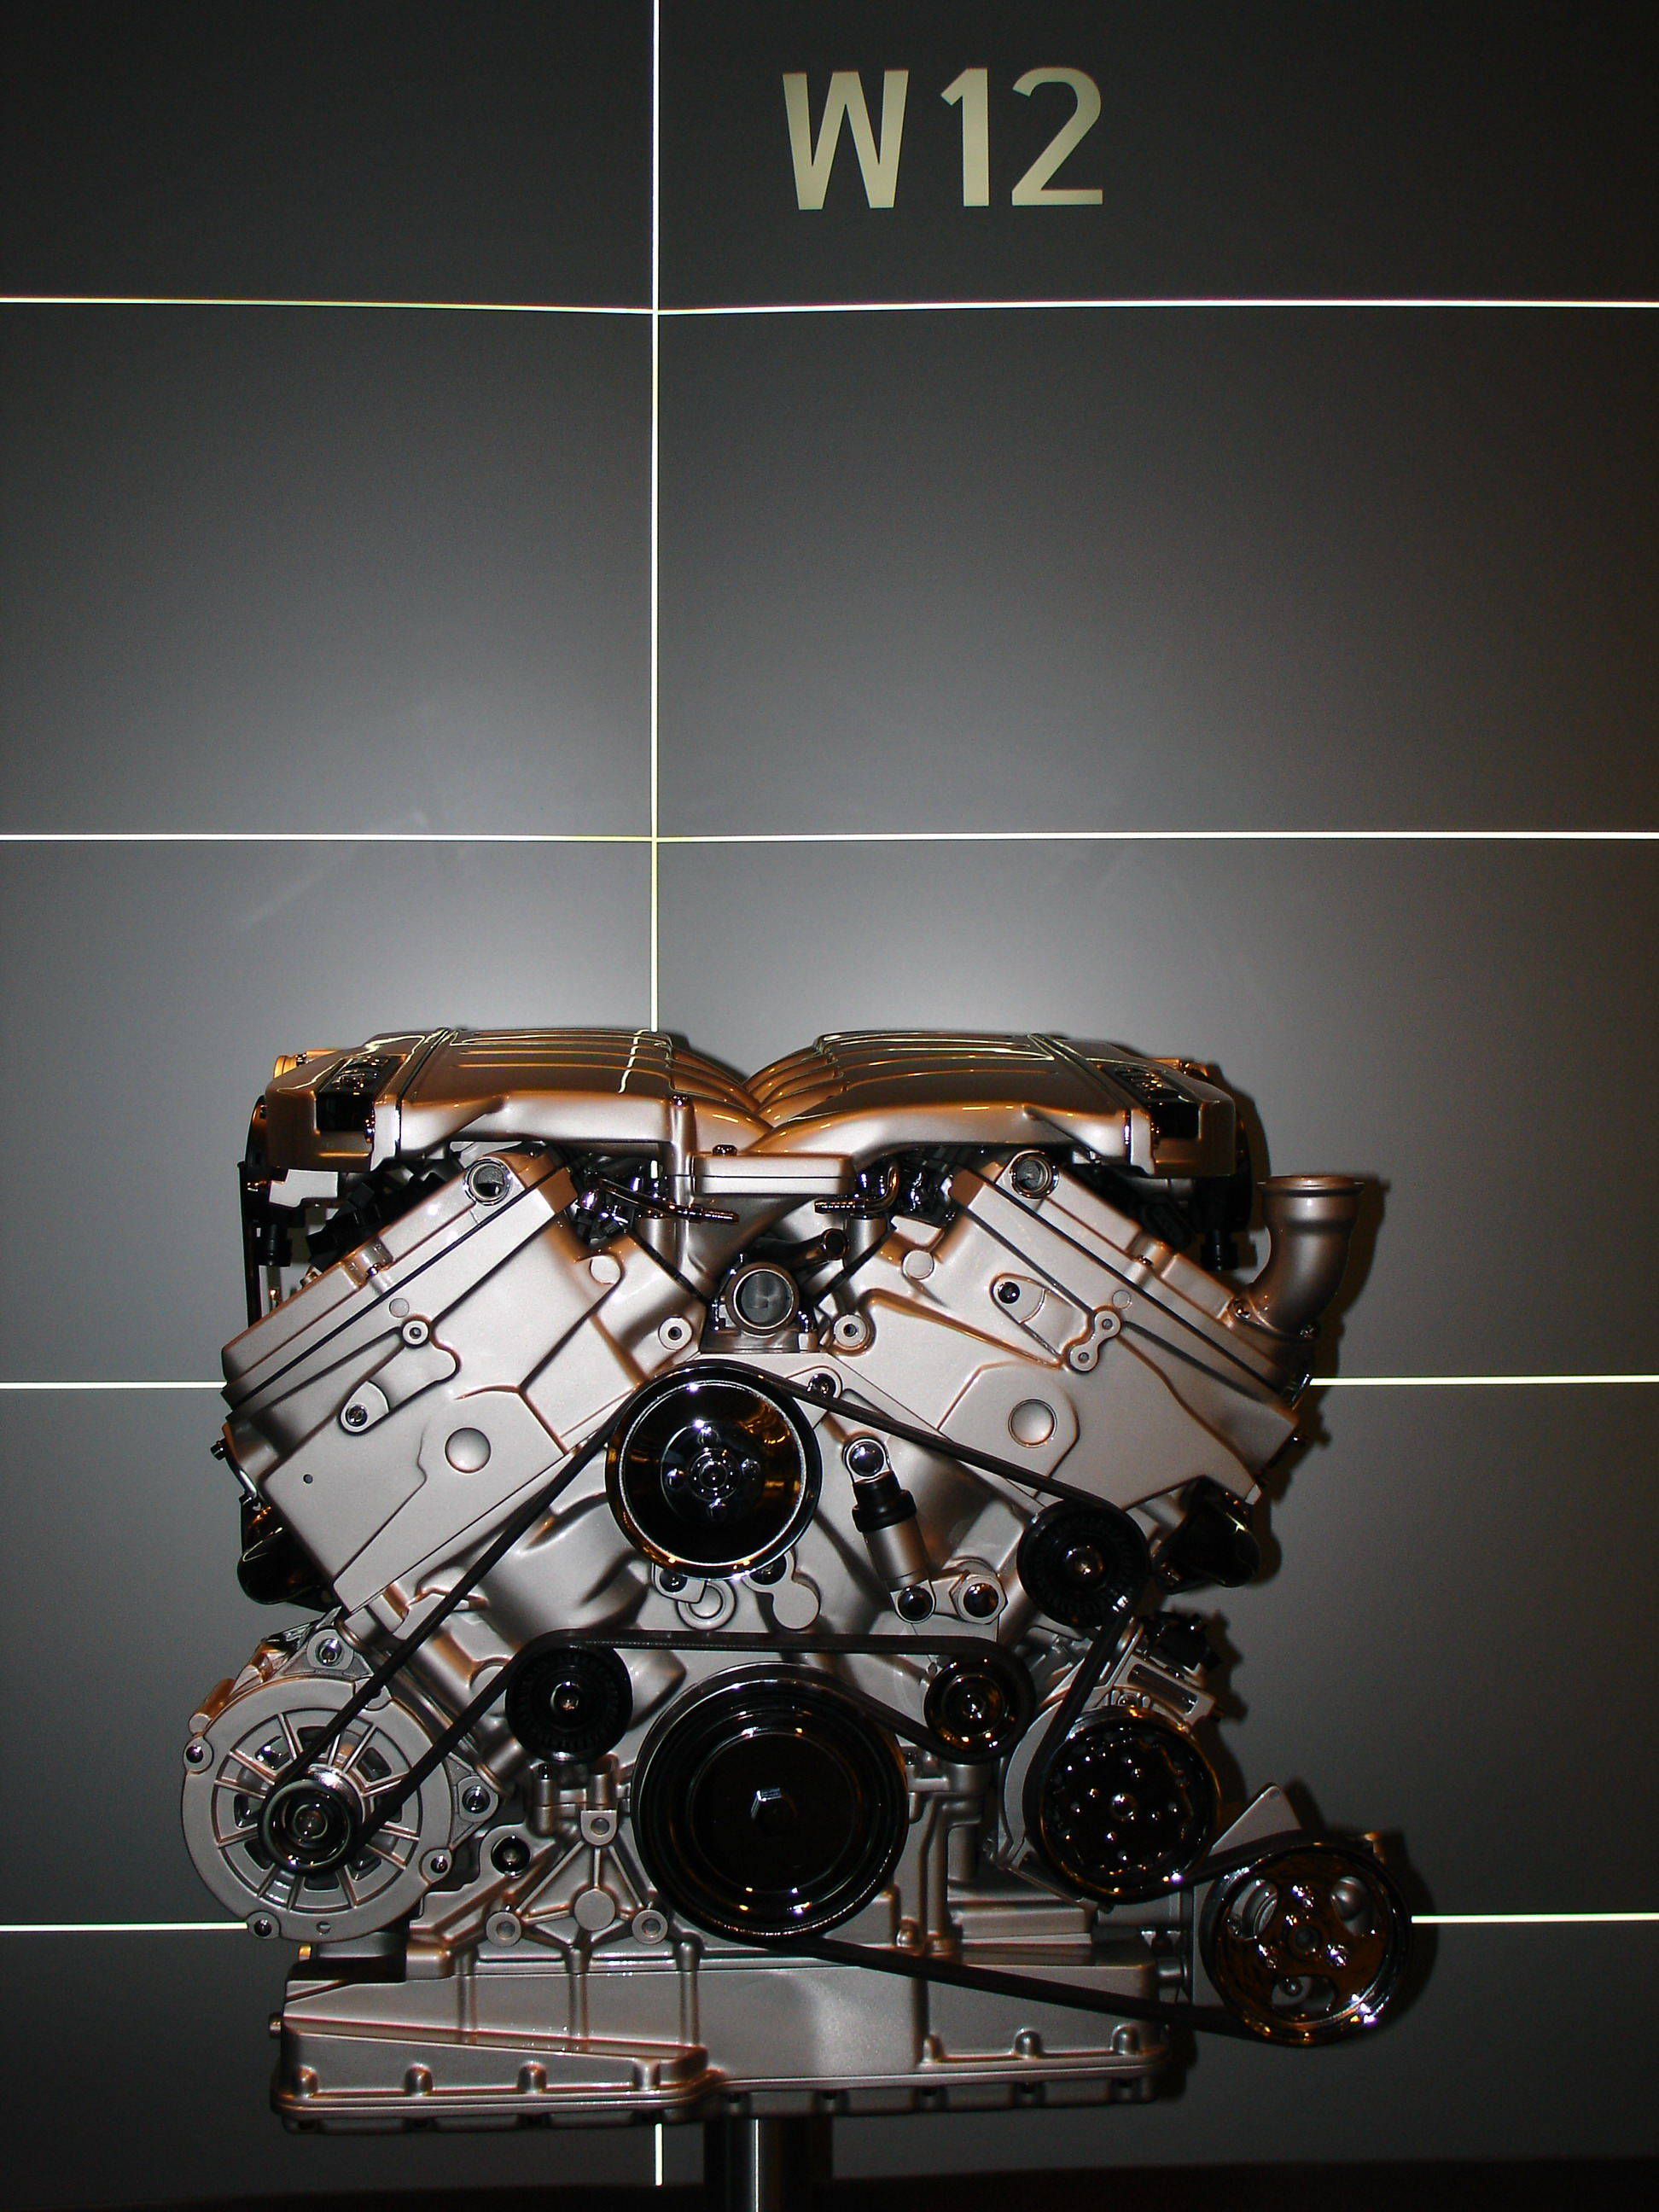 Volkswagen Phaeton W12 Engine